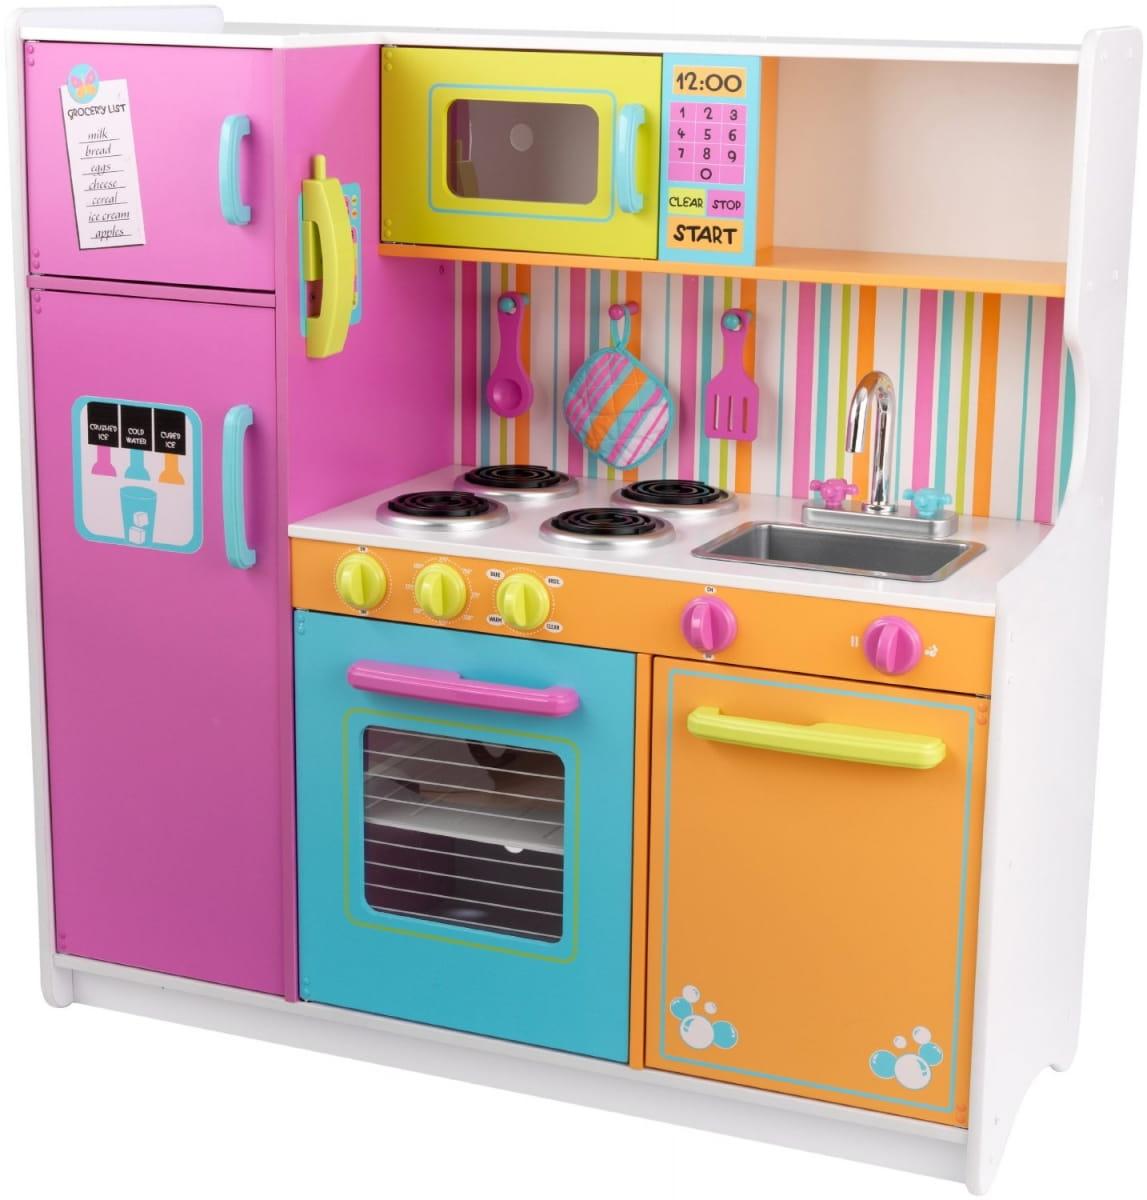 Купить Большая детская кухня KidKraft Делюкс Deluxe Big в интернет магазине игрушек и детских товаров